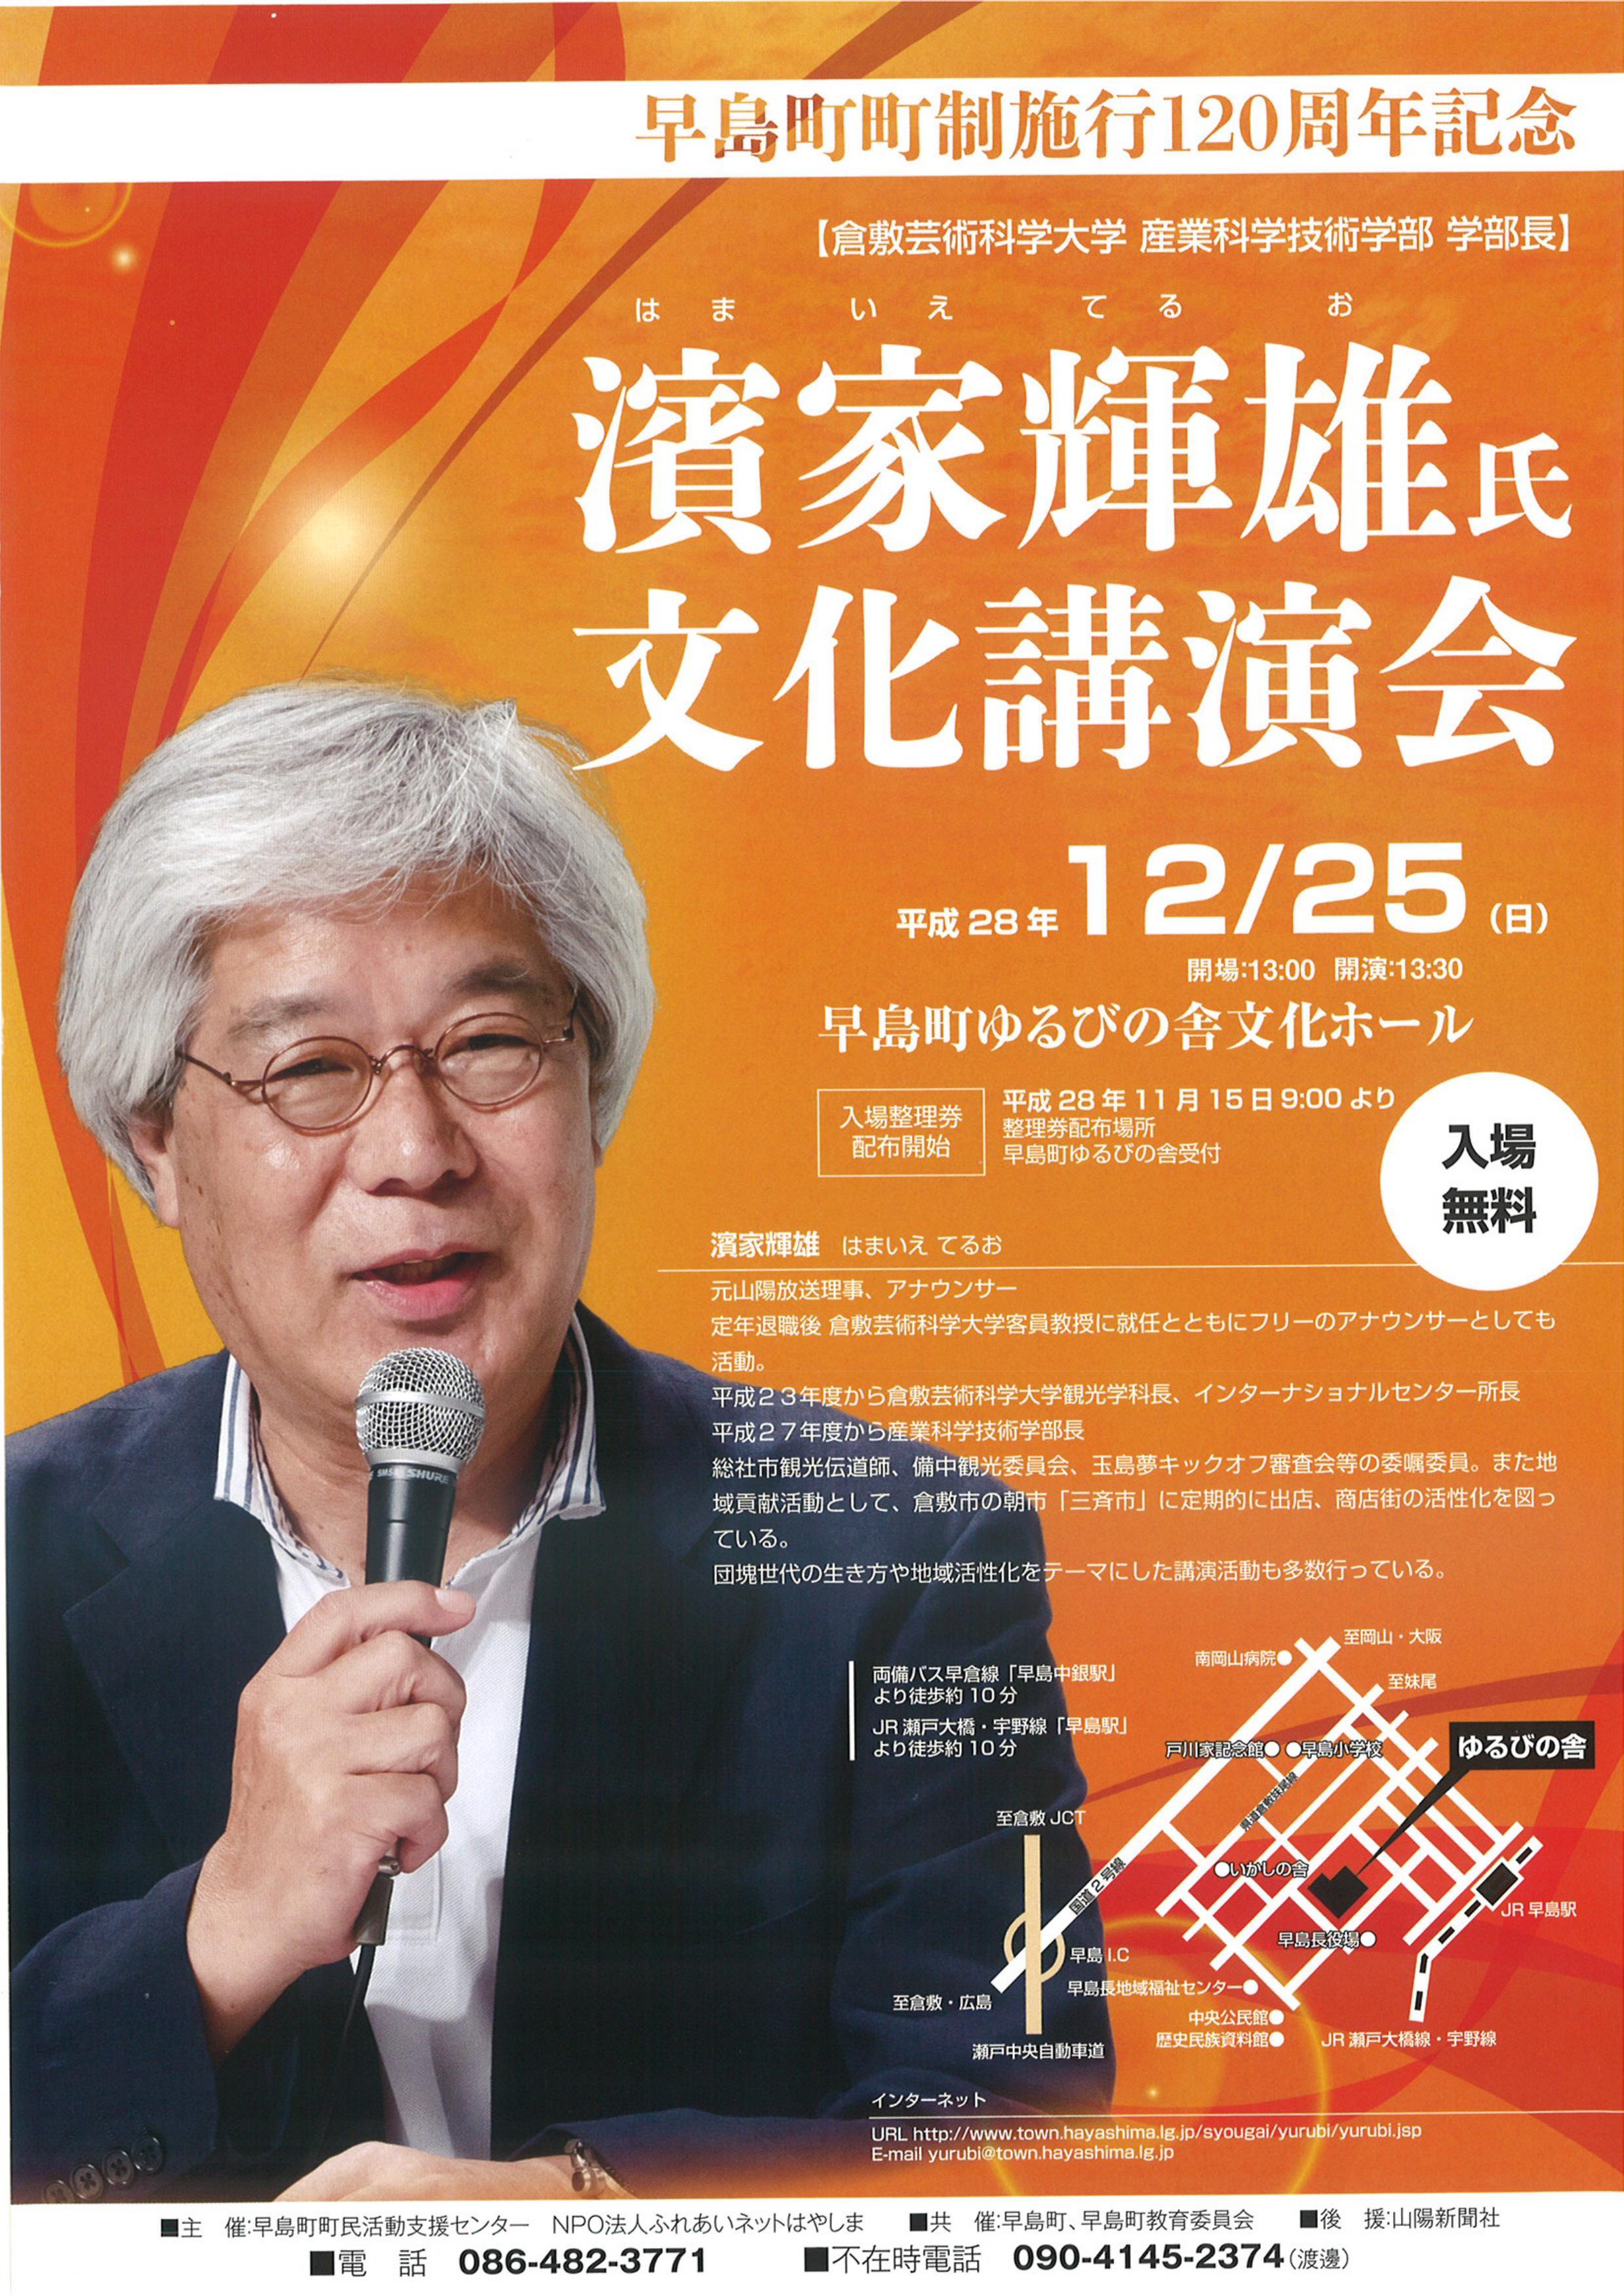 【 はやしま 】 早島町町制施行120周年記念 濱家輝雄氏 文化講演会